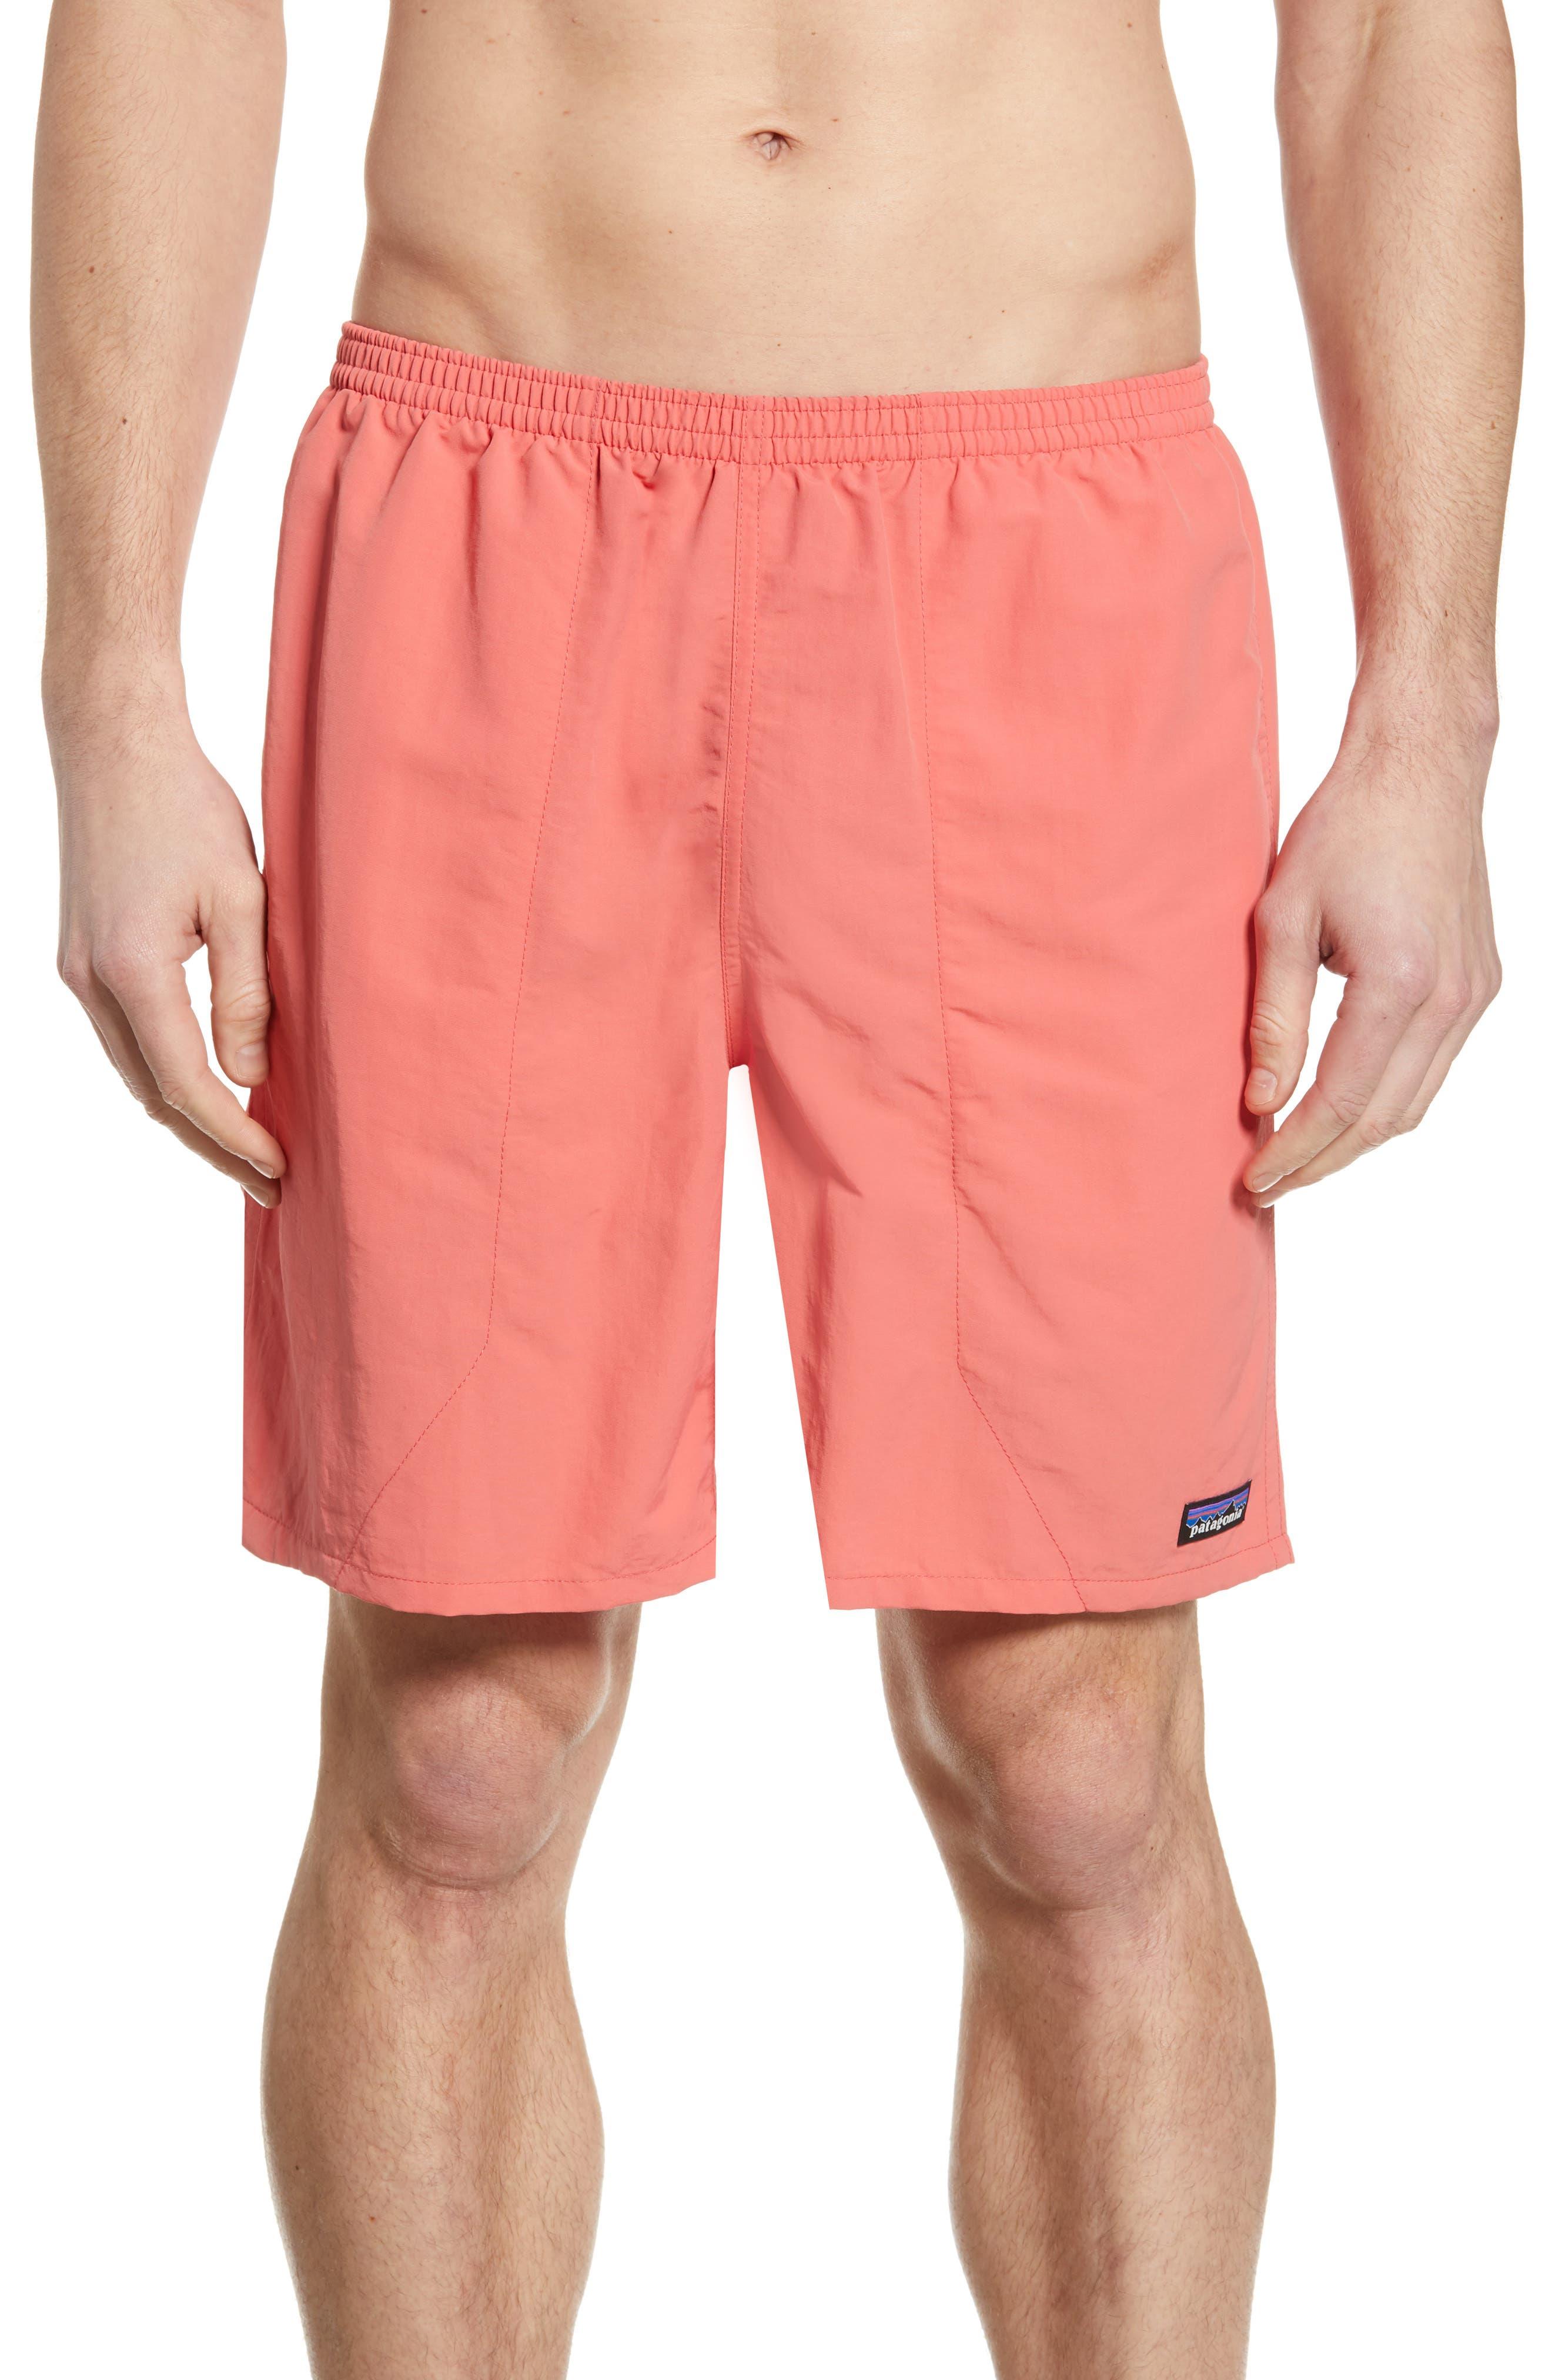 Men's Clothing Rhythym Mens Slub Reversible Shorts Navy Red 32 New